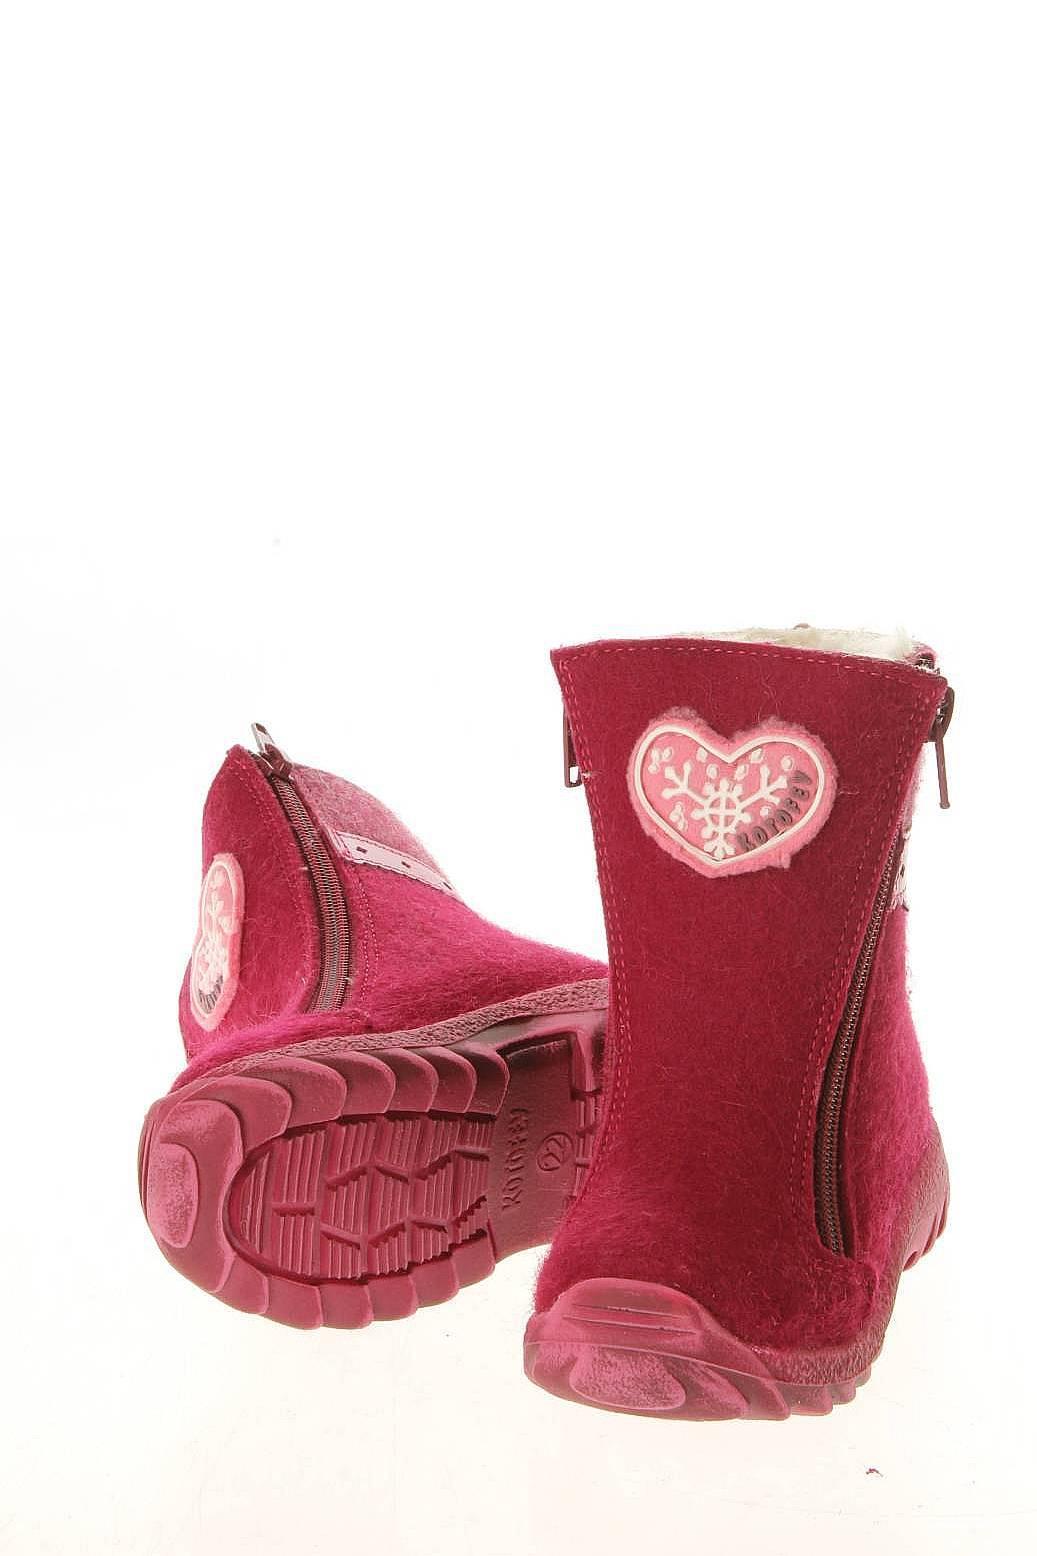 Мужская Обувь Детская Обувь Валенки: Котофей Обувь